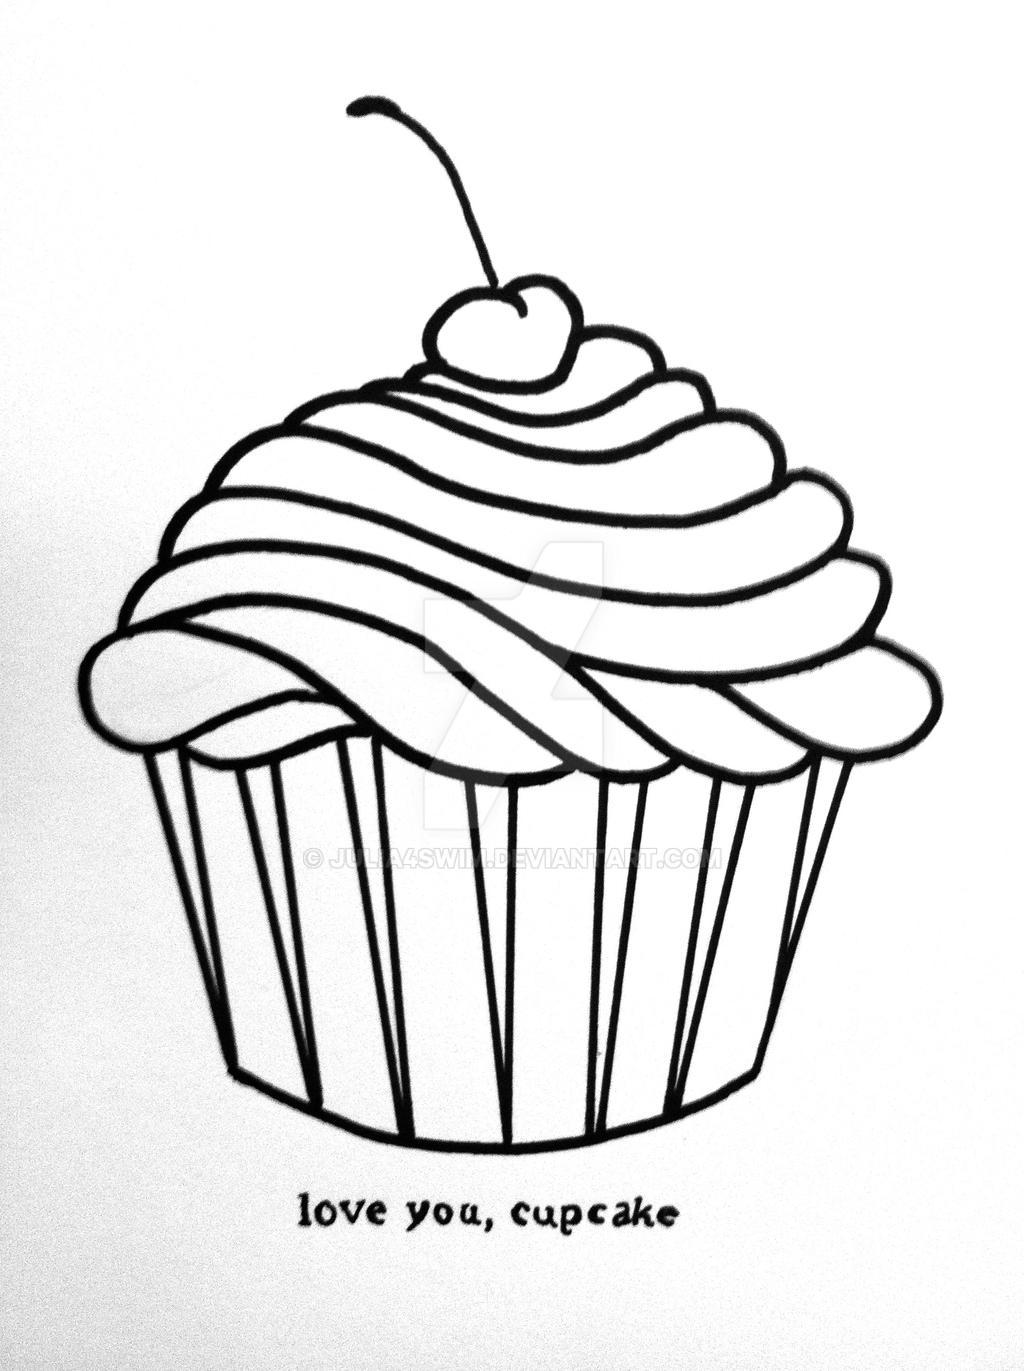 Cupcake Valentine by Julia4swim on DeviantArt